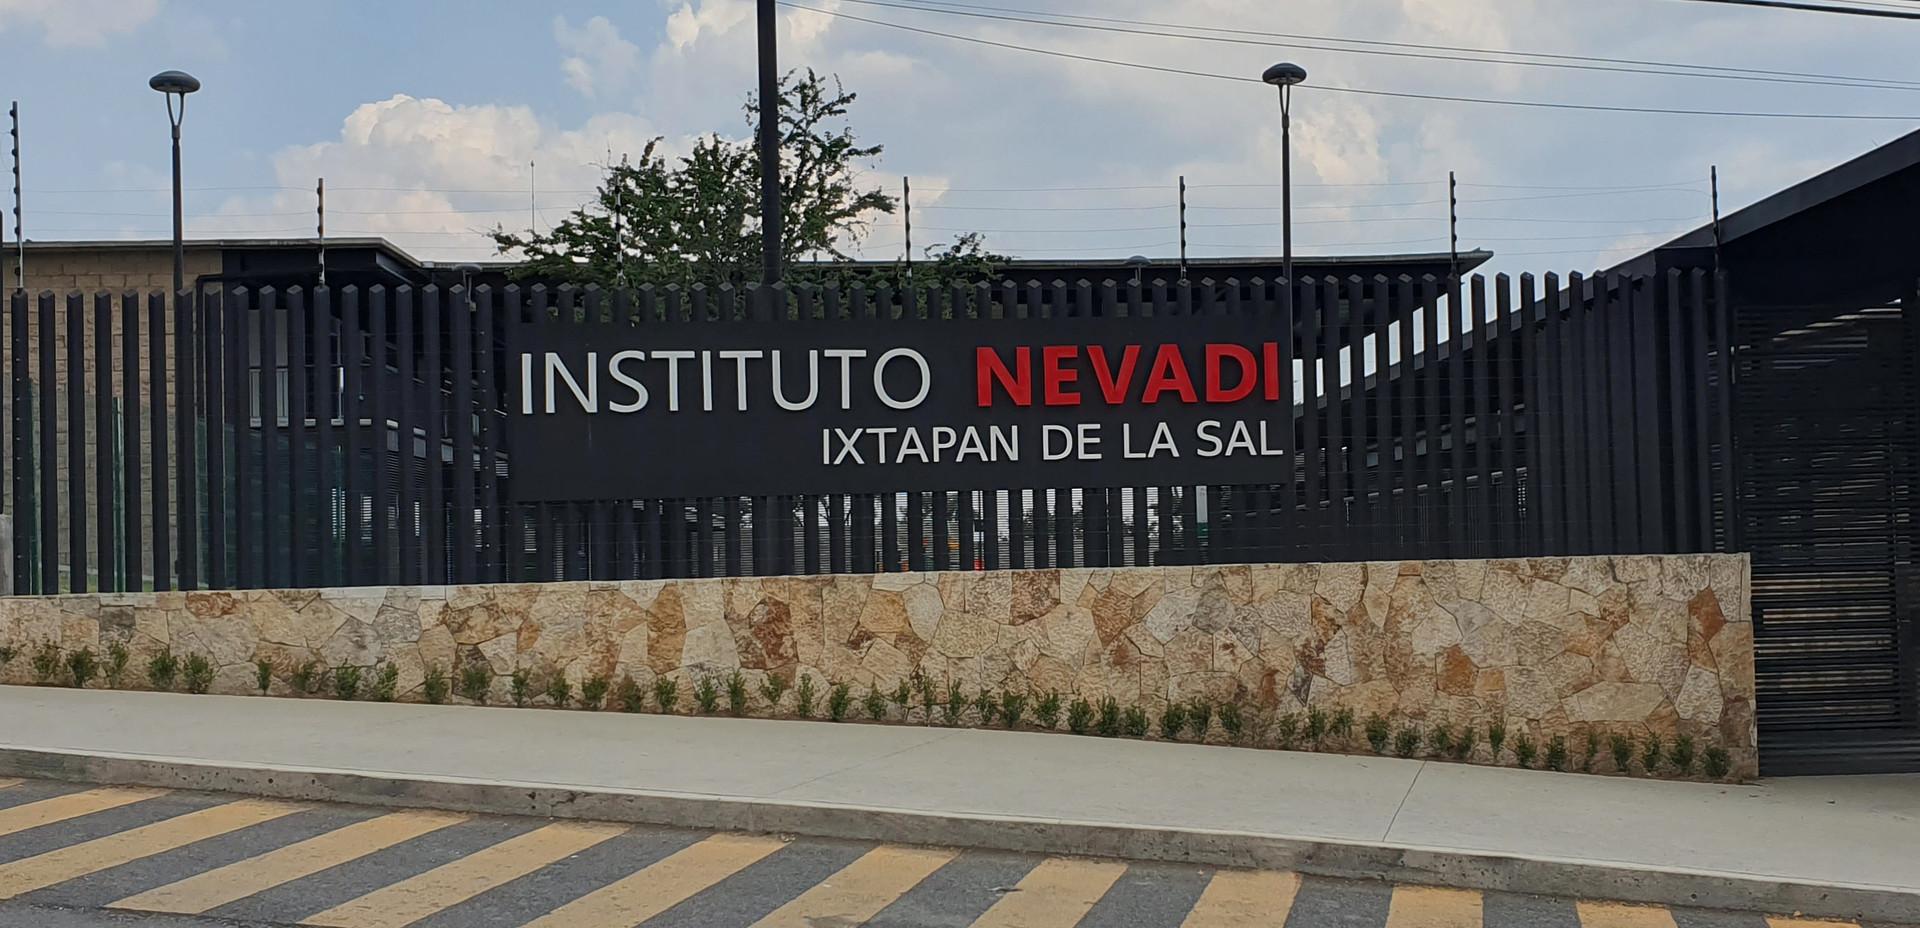 Instituto Nevadi  Ixtapan 1.jpg